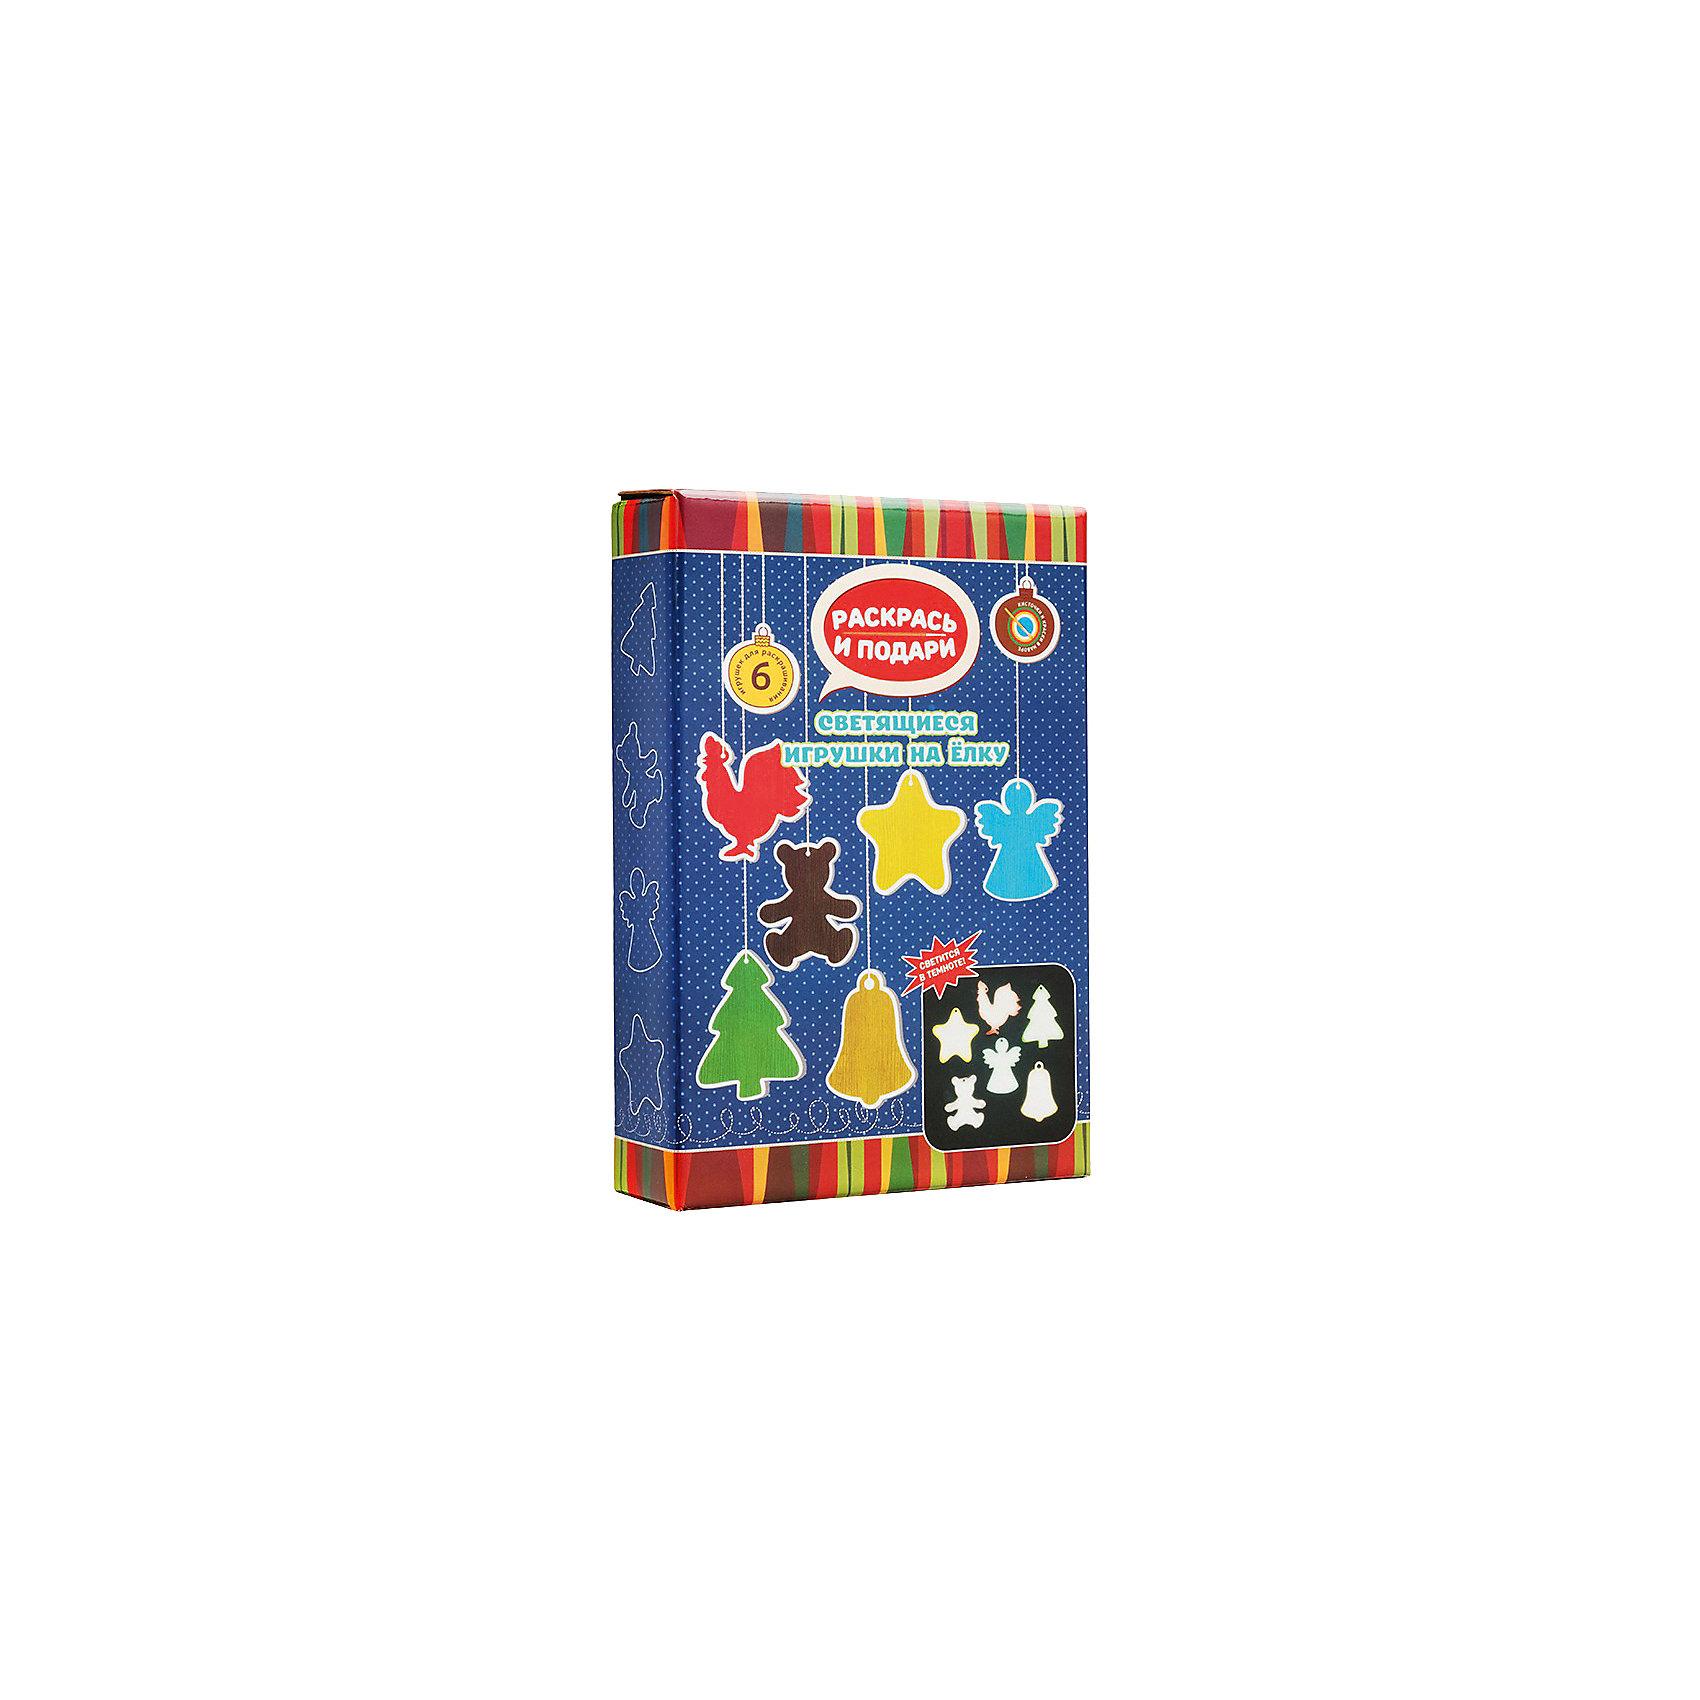 Набор для создания светящихся елочных игрушек Раскрась и подари БумбарамВсё для праздника<br>Набор Светящиеся игрушки на елку, Бумбарам.<br><br>Характеристики:<br><br>• новогодний сувенир своими руками<br>• краска легко наносится<br>• светятся в темноте<br>• подходит в качестве подарка<br>• материал: дерево, краска, пластик, клей<br>• в комплекте: елка, игрушки, краски (6 цветов), клей, светящееся вещество<br>• размер упаковки: 24х17х5 см<br>• вес: 250 грамм<br><br>Набор Светящиеся игрушки на елку прекрасно подойдет для детского творчества в преддверии Нового года. В процессе игры ребенку предстоит раскрасить все детали, покрыть их клеем, затем нанести специальное светящееся вещество и снова закрепить клеем. Игрушки будут светиться в темноте и ими будет приятно украсить новогоднюю елку. Подарите ребенку возможность сделать красивые игрушки своими руками!<br><br>Вы можете купить набор Светящиеся игрушки на елку, Бумбарам в нашем интернет-магазине.<br><br>Ширина мм: 245<br>Глубина мм: 165<br>Высота мм: 50<br>Вес г: 250<br>Возраст от месяцев: 72<br>Возраст до месяцев: 144<br>Пол: Унисекс<br>Возраст: Детский<br>SKU: 5054030